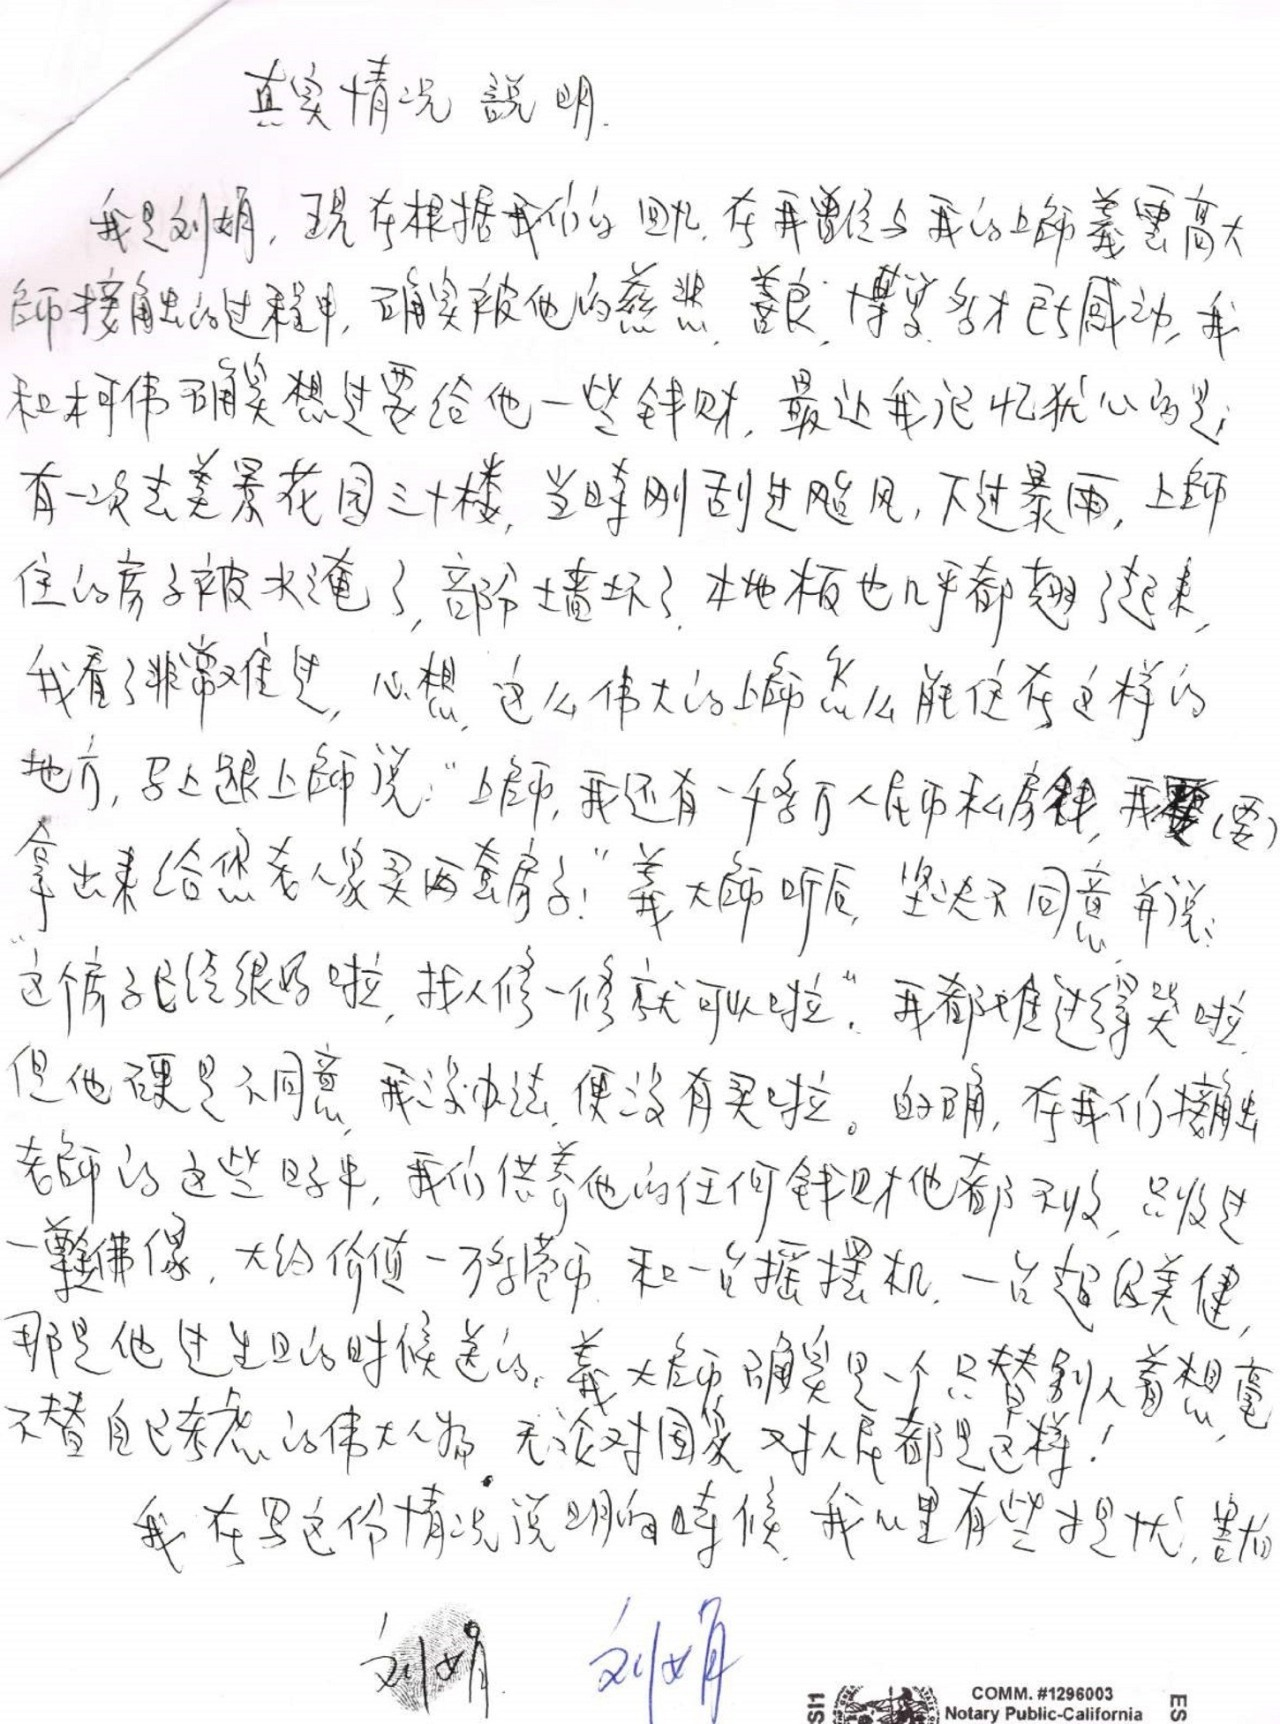 周永康陈绍基陷害第三世多杰羌佛真相曝光 第20张